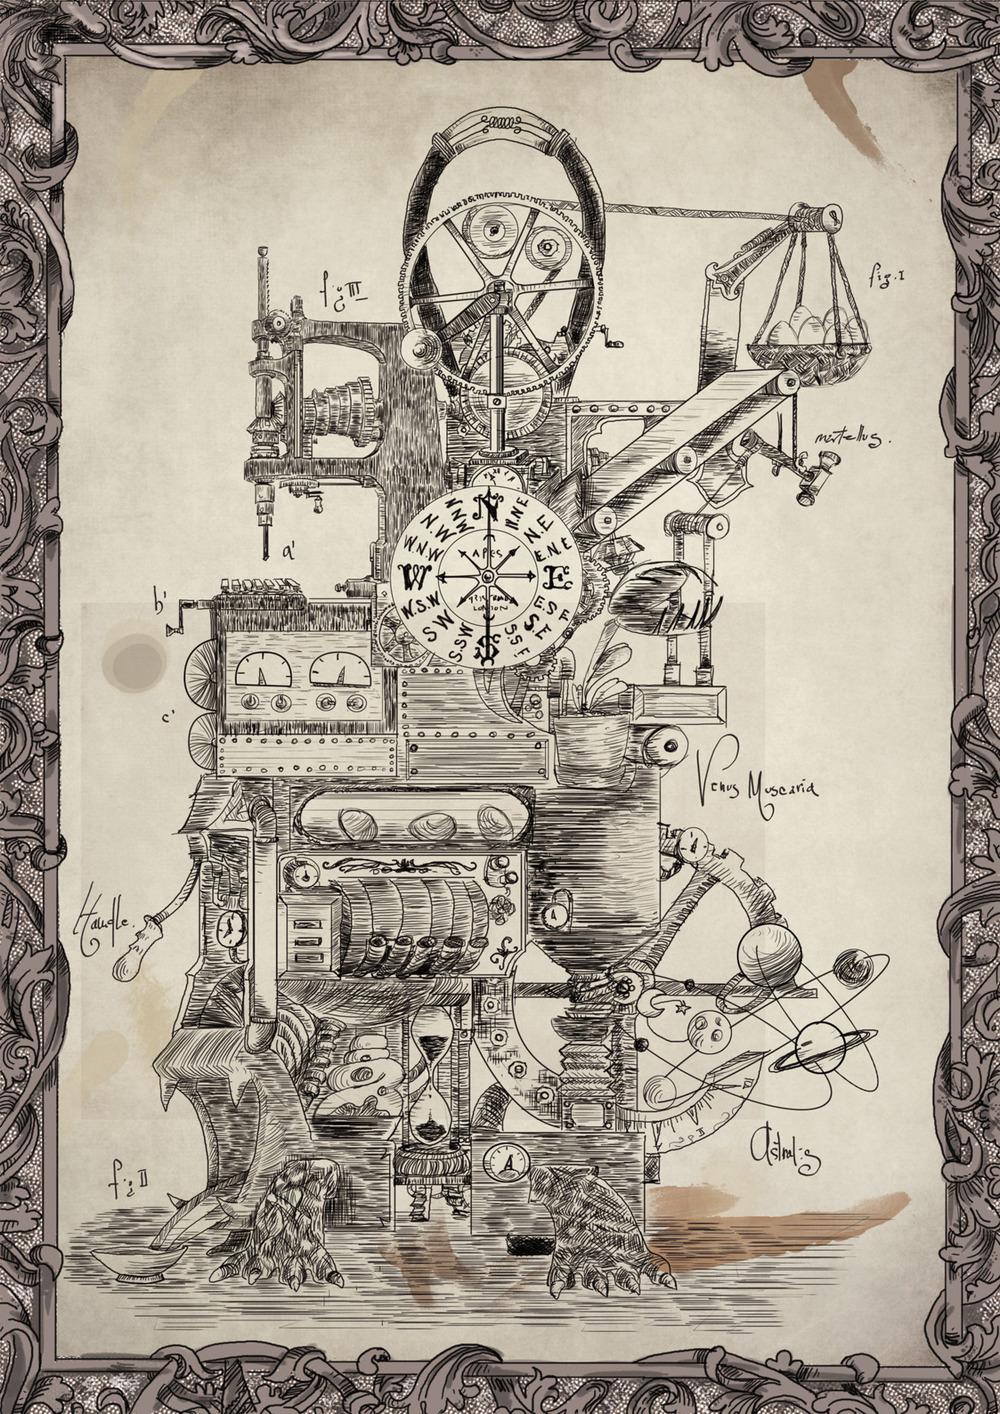 Lord Sargasso's Wondrous oldfangled nugatory contraption